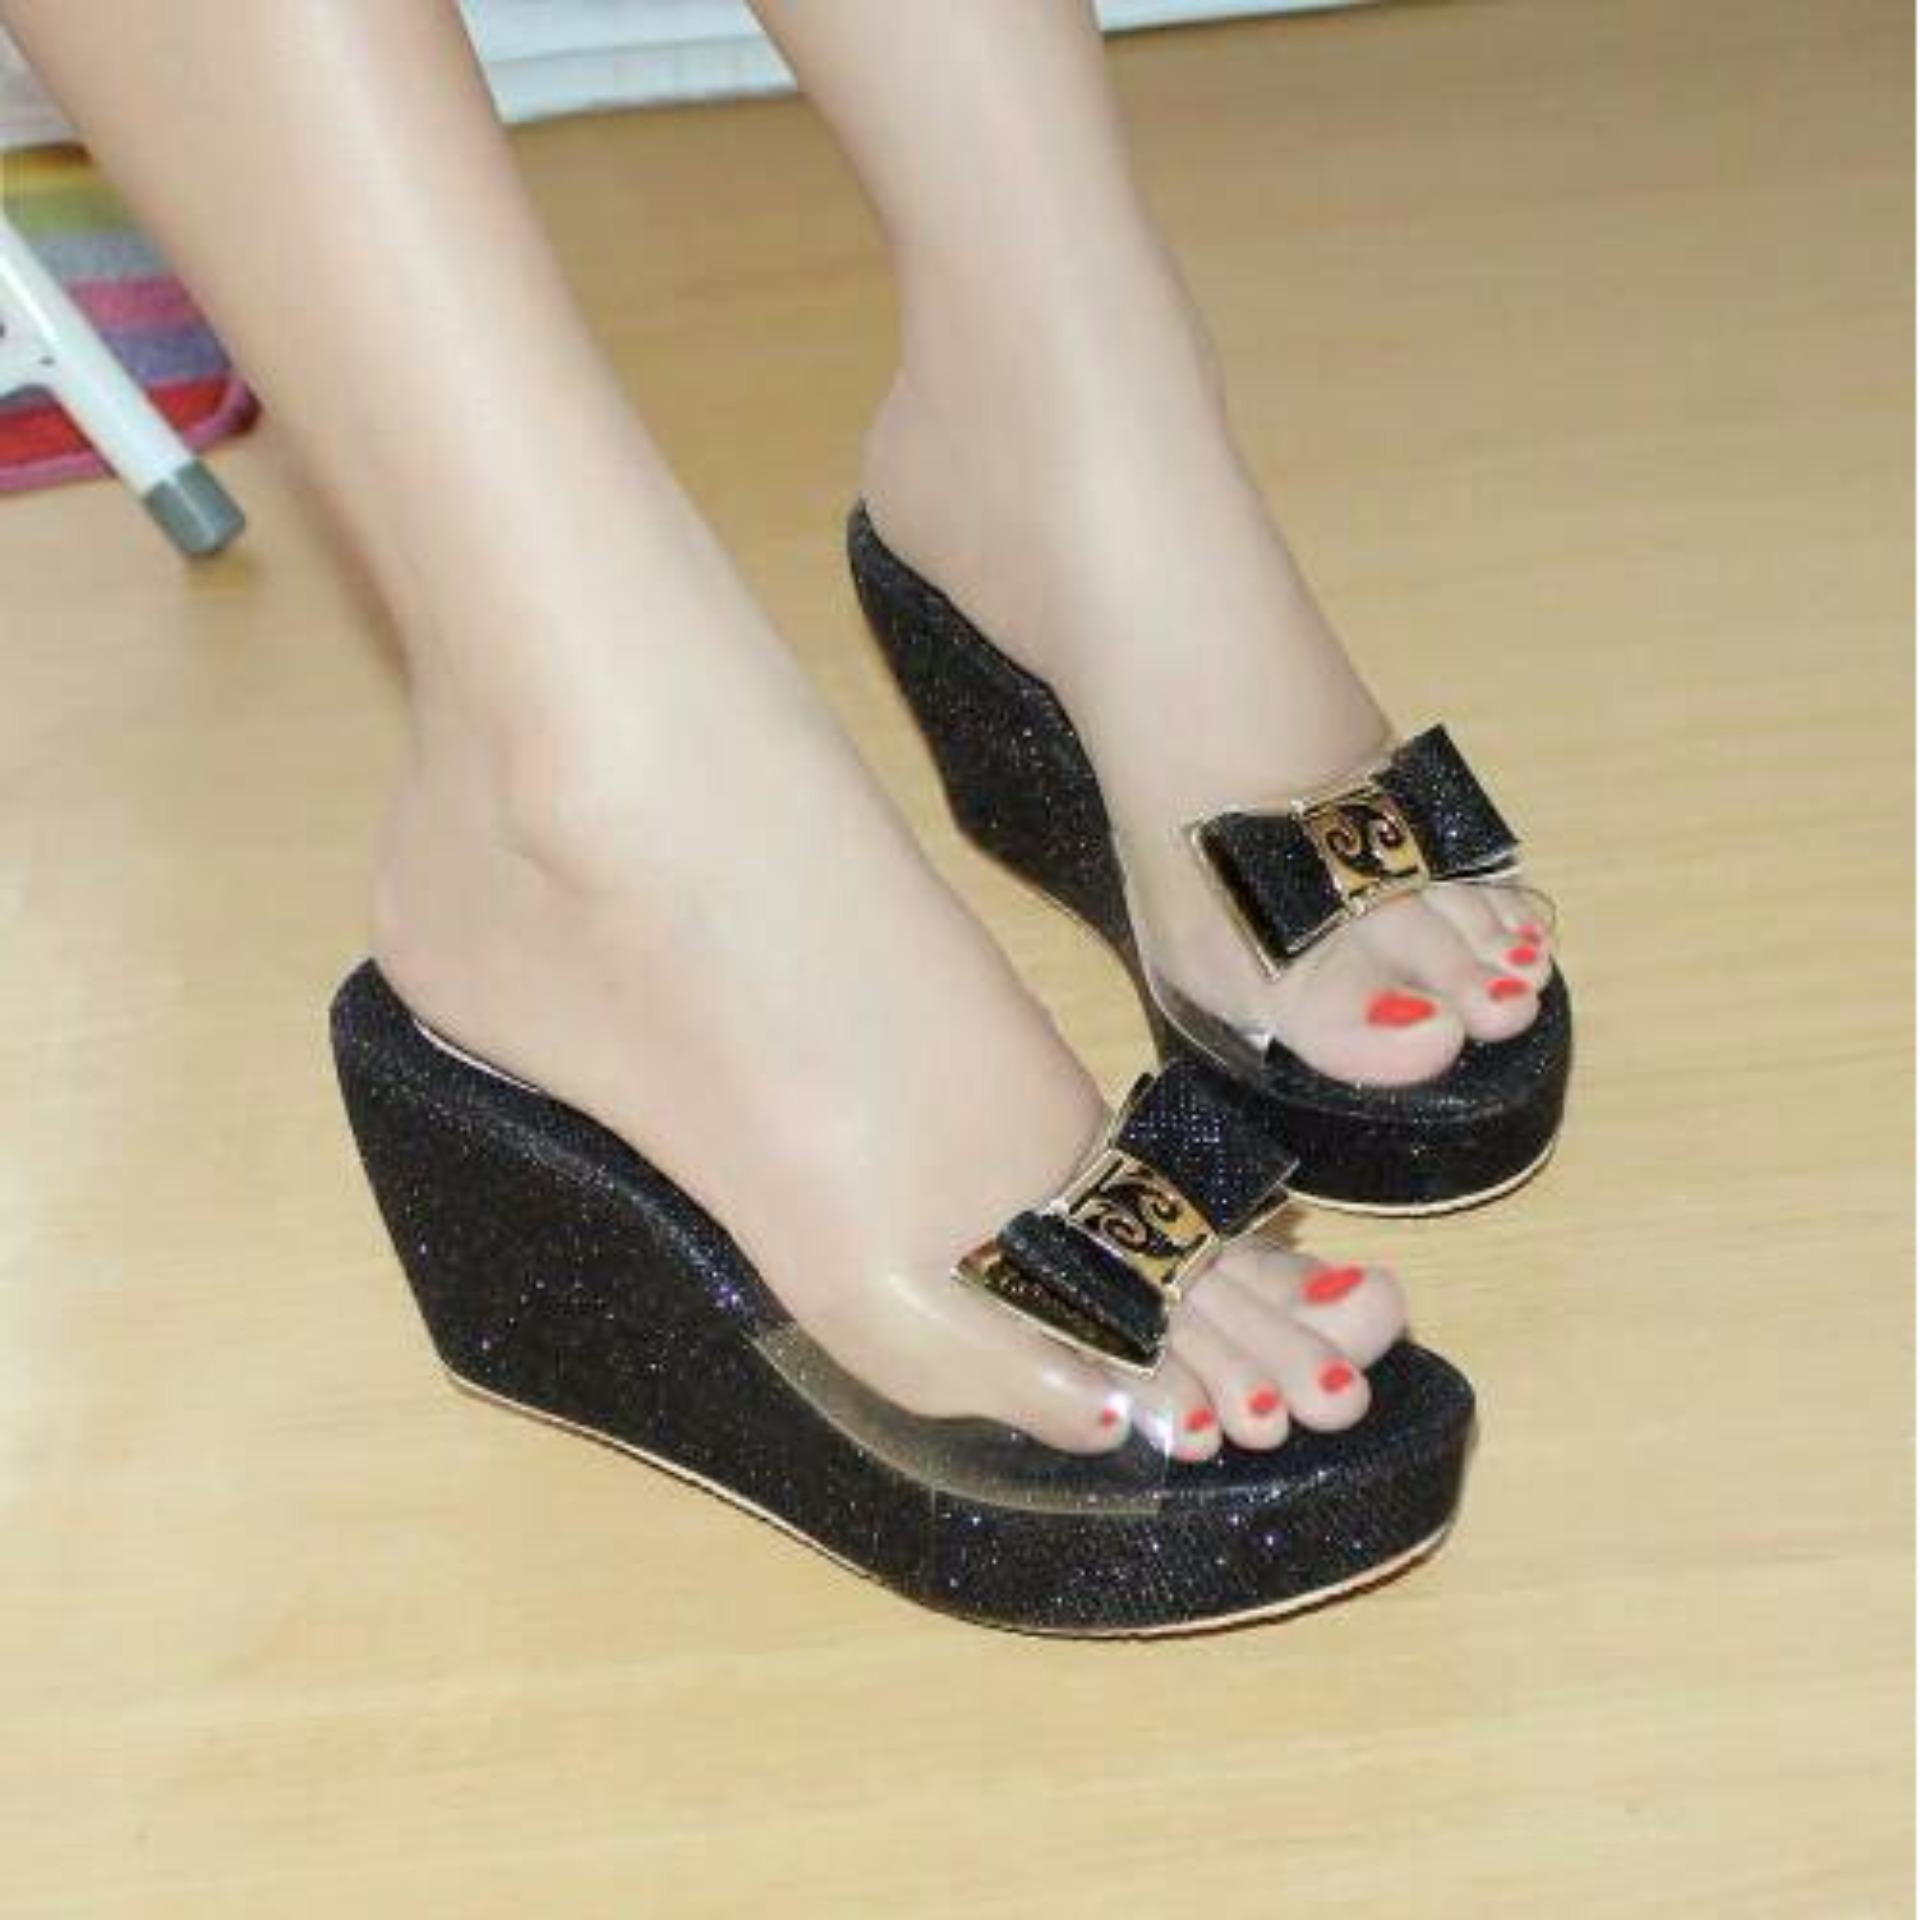 Permalink to Sepatu Pantofel Cewek Potongan Harga